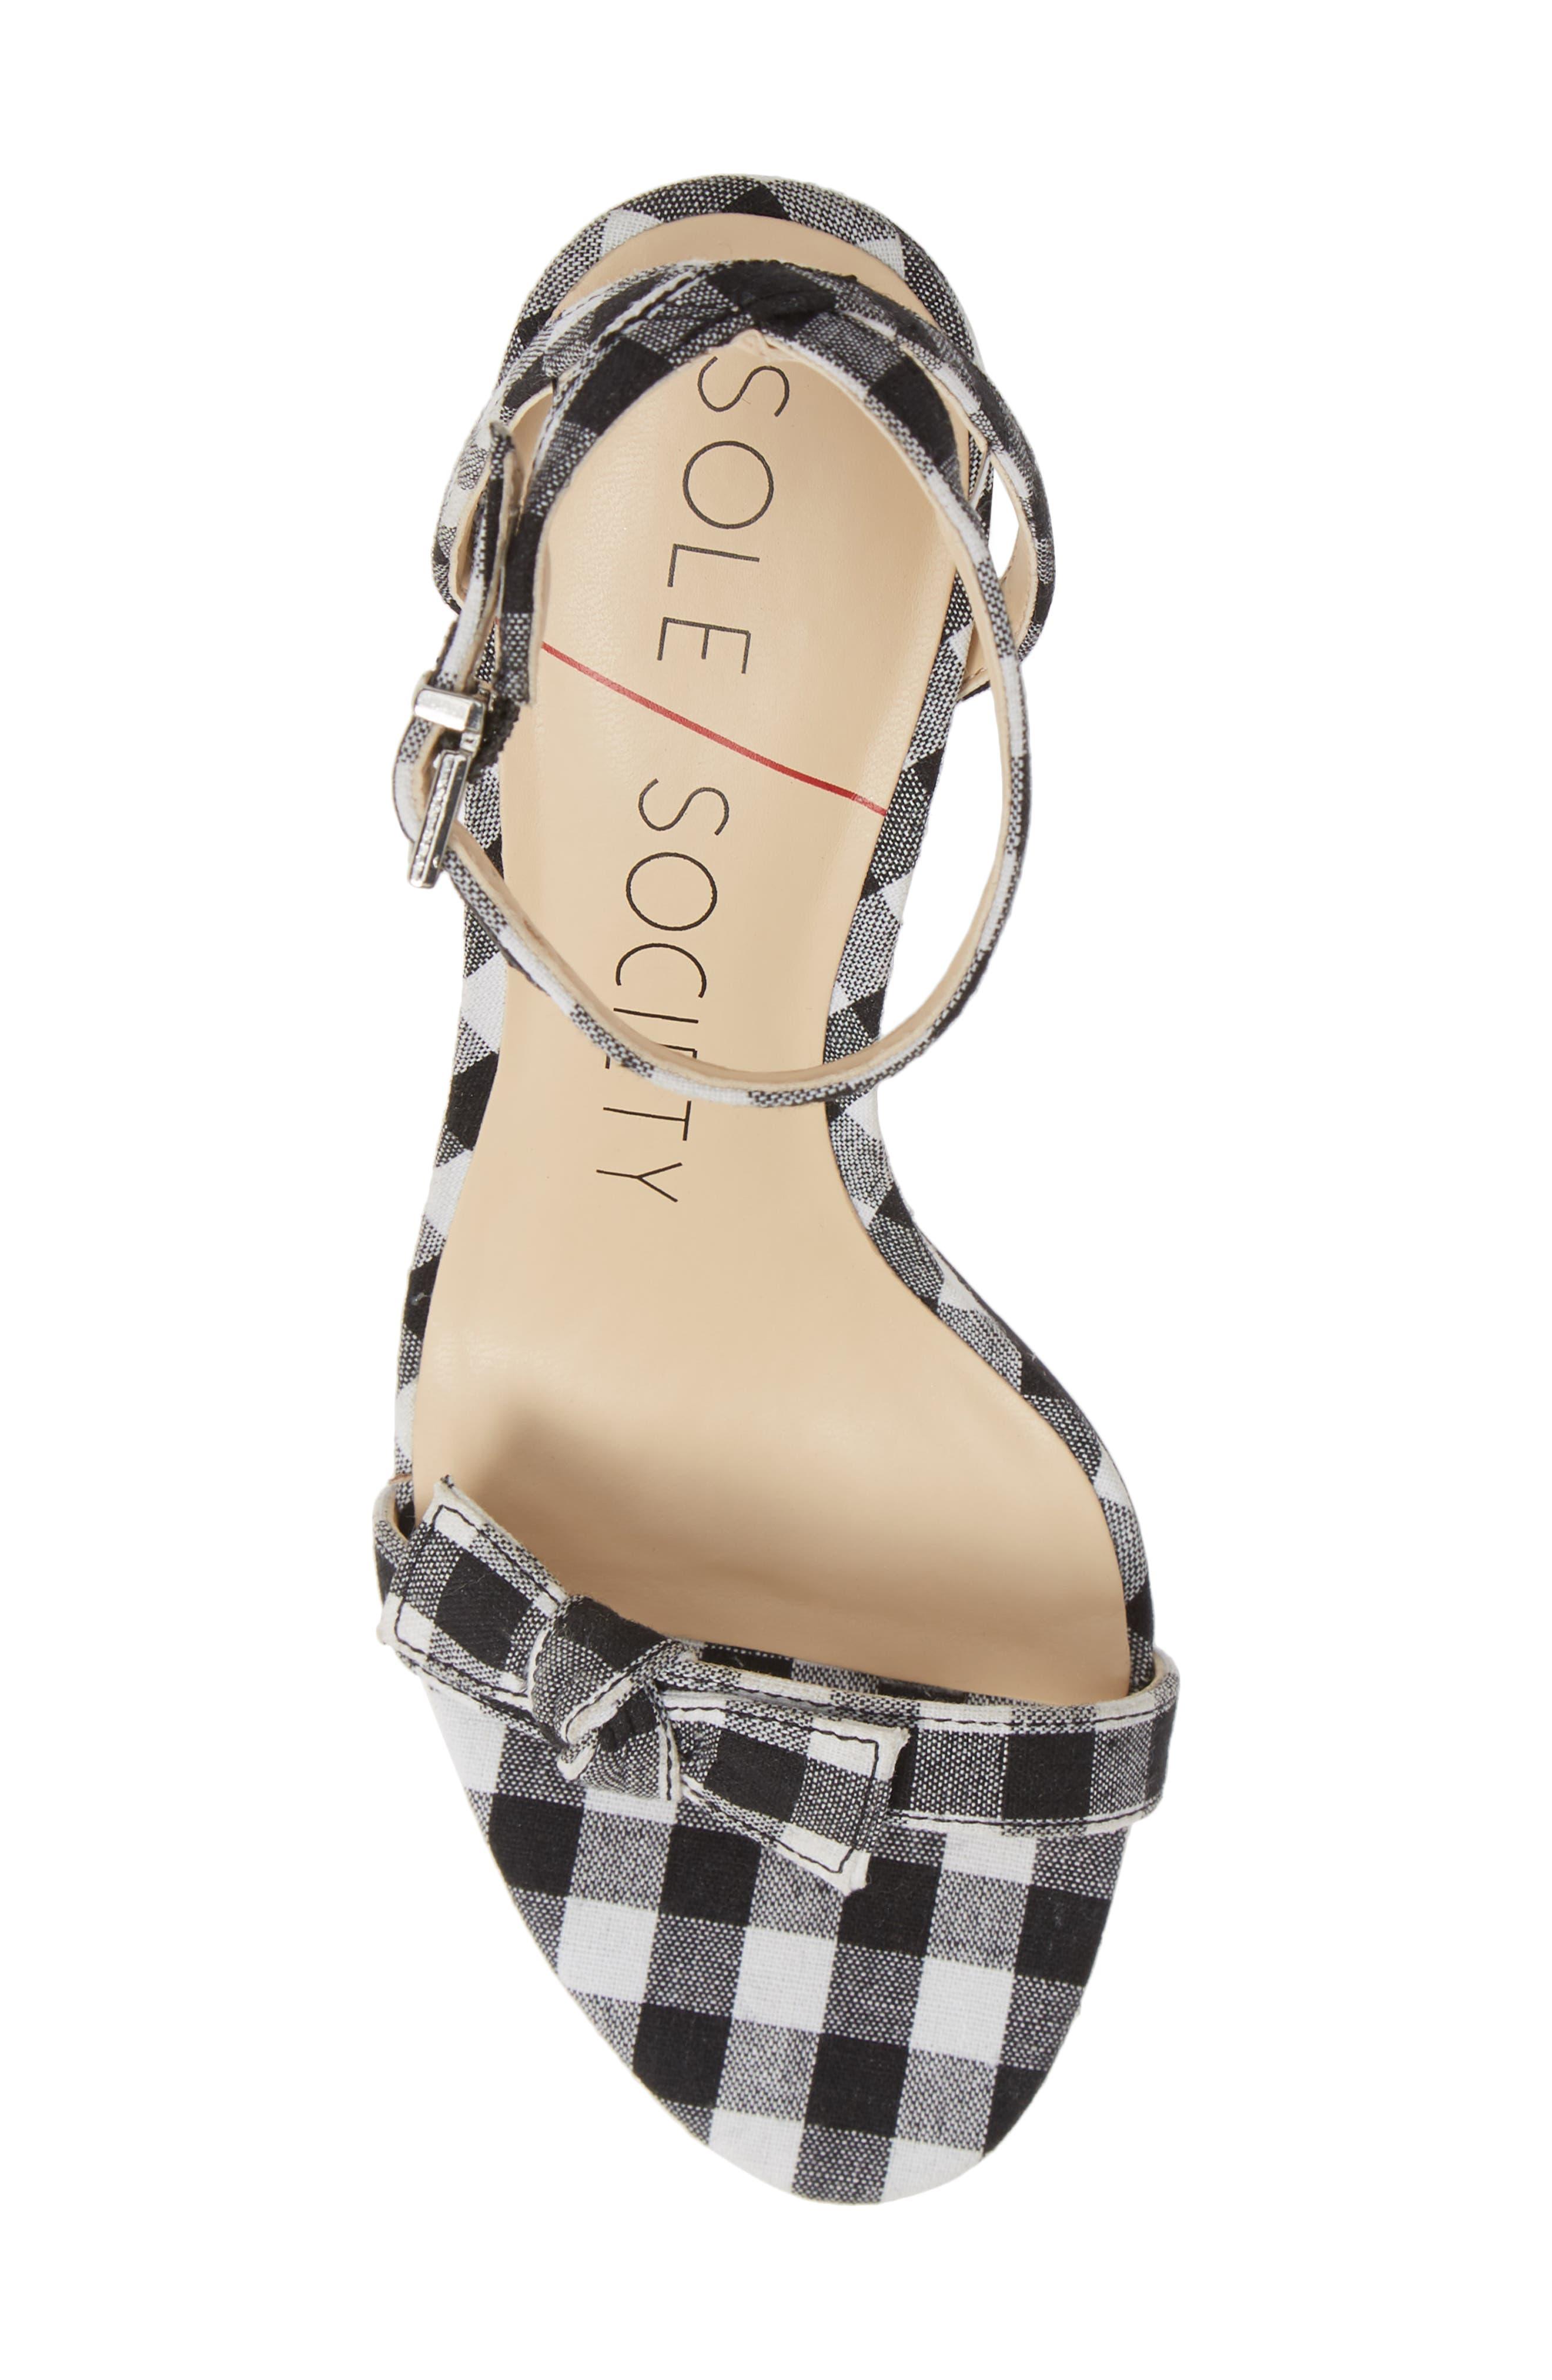 Avrilie Knotted Sandal,                             Alternate thumbnail 3, color,                             Black/ White Gingham